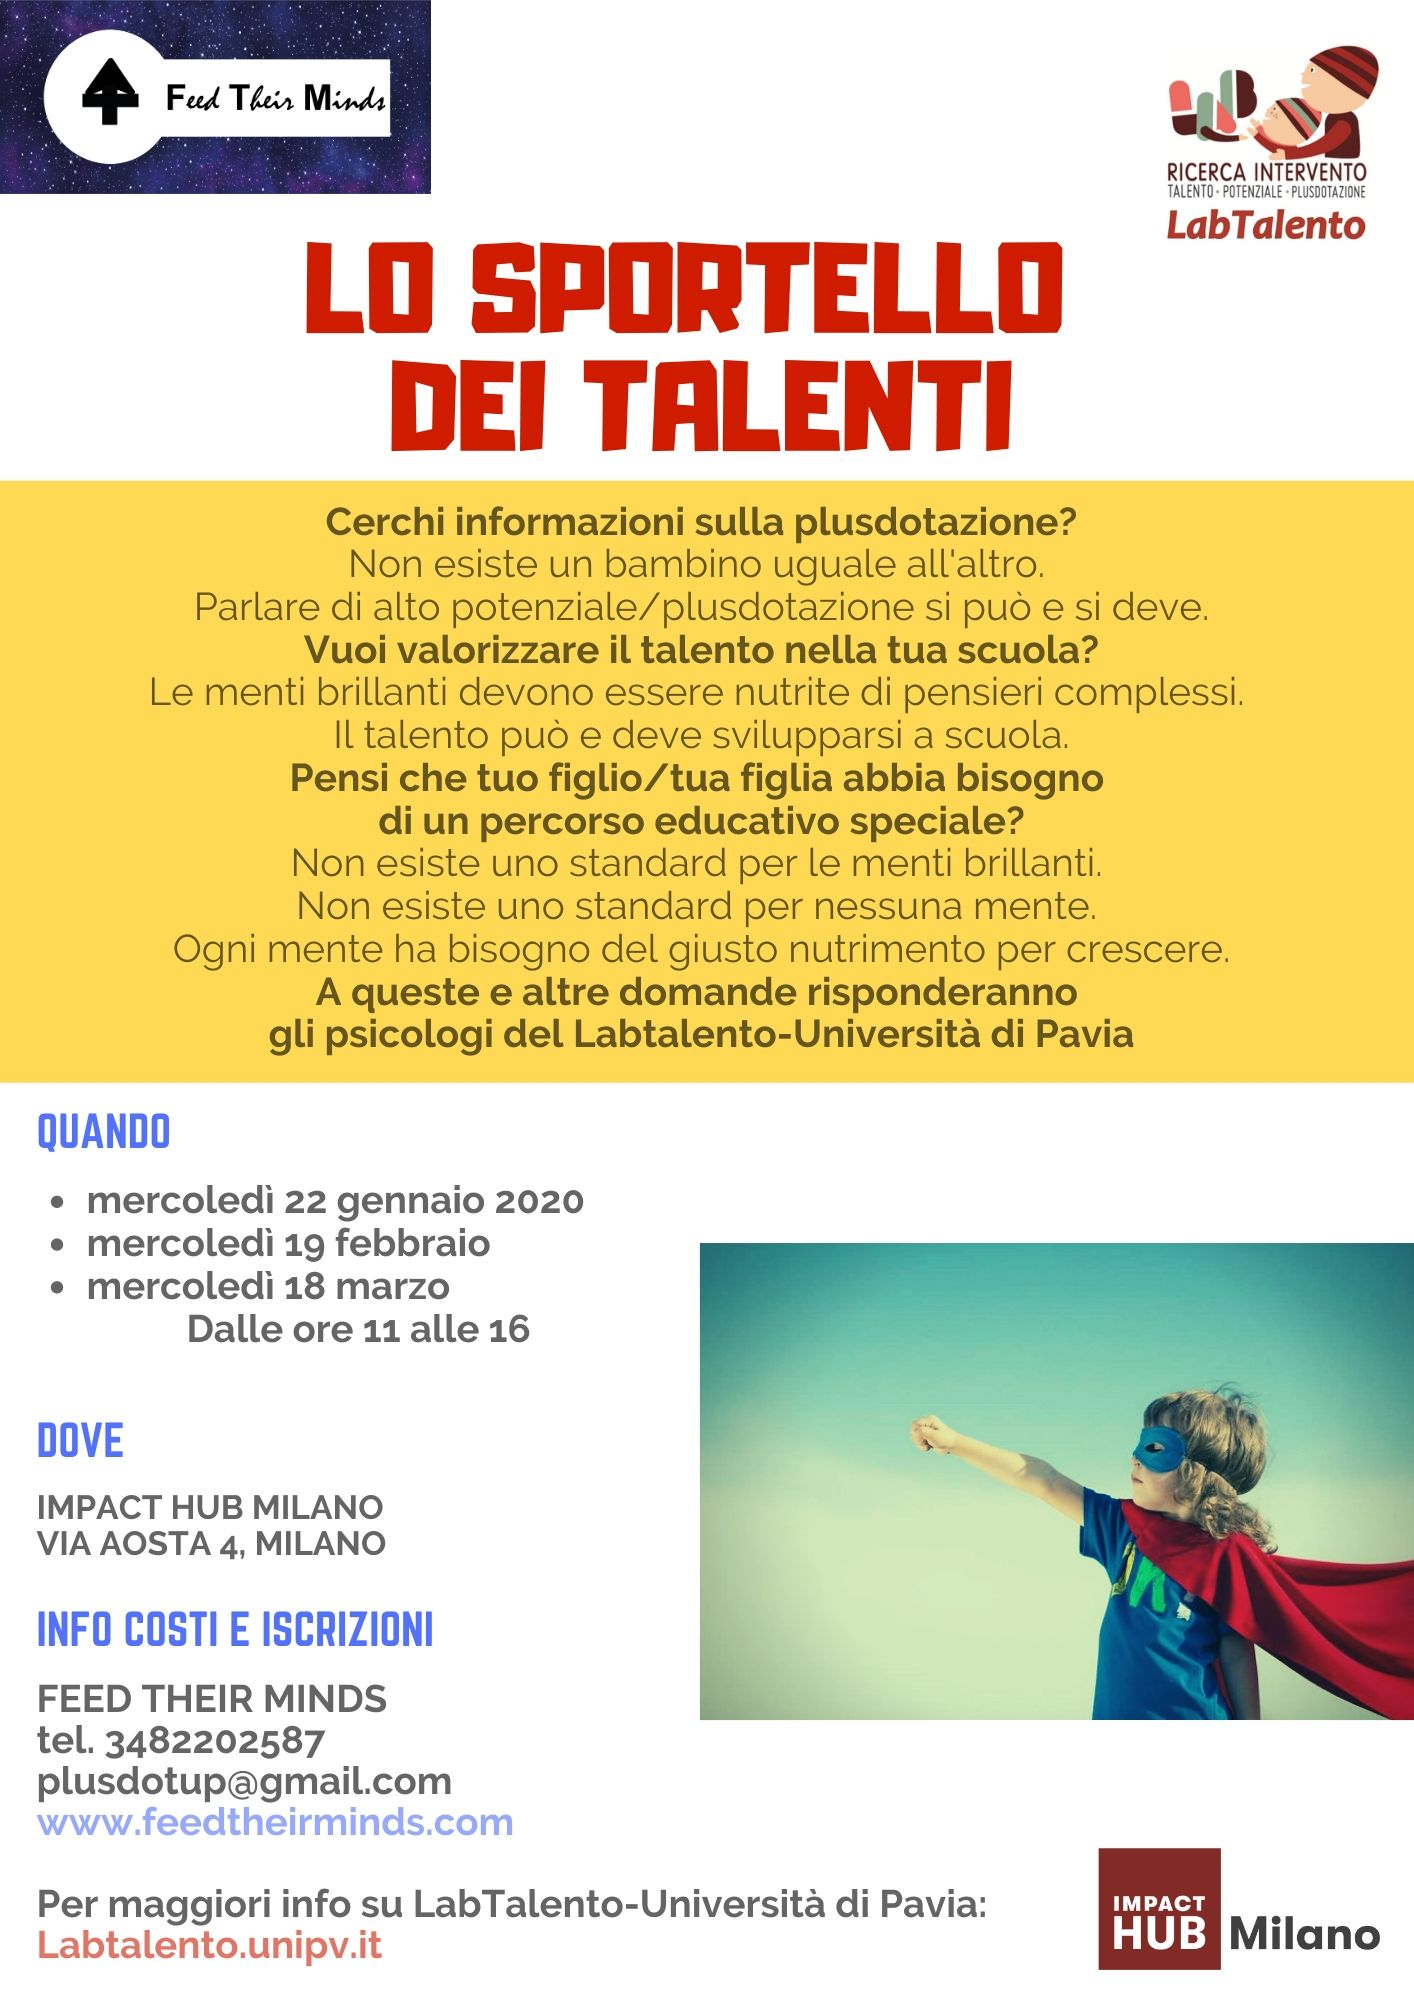 Sportello dei talenti 2020 gennaio-marzo